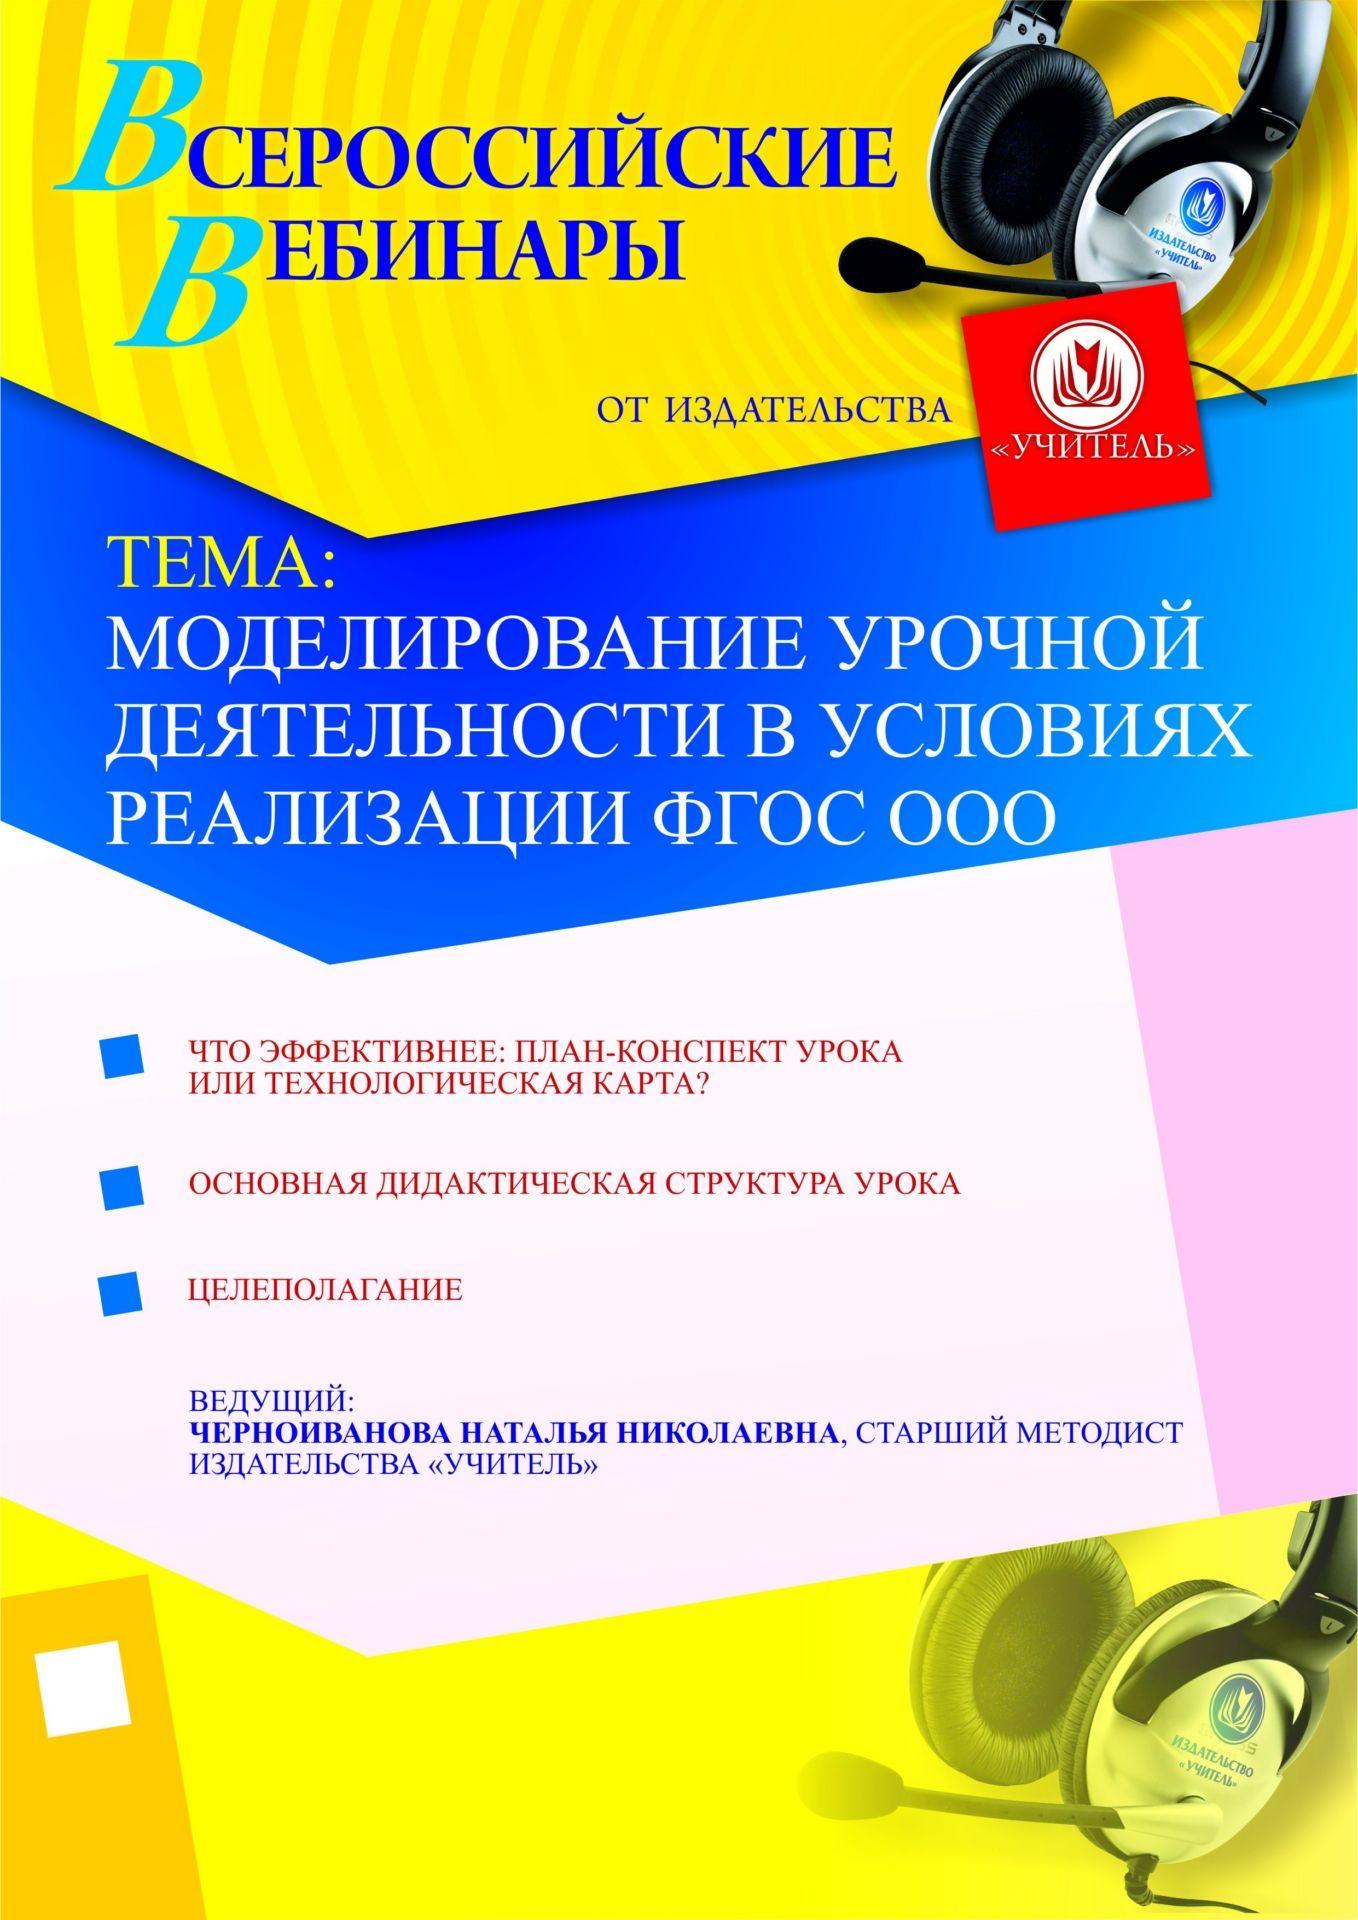 Моделирование урочной деятельности в условиях реализации ФГОС ООО фото